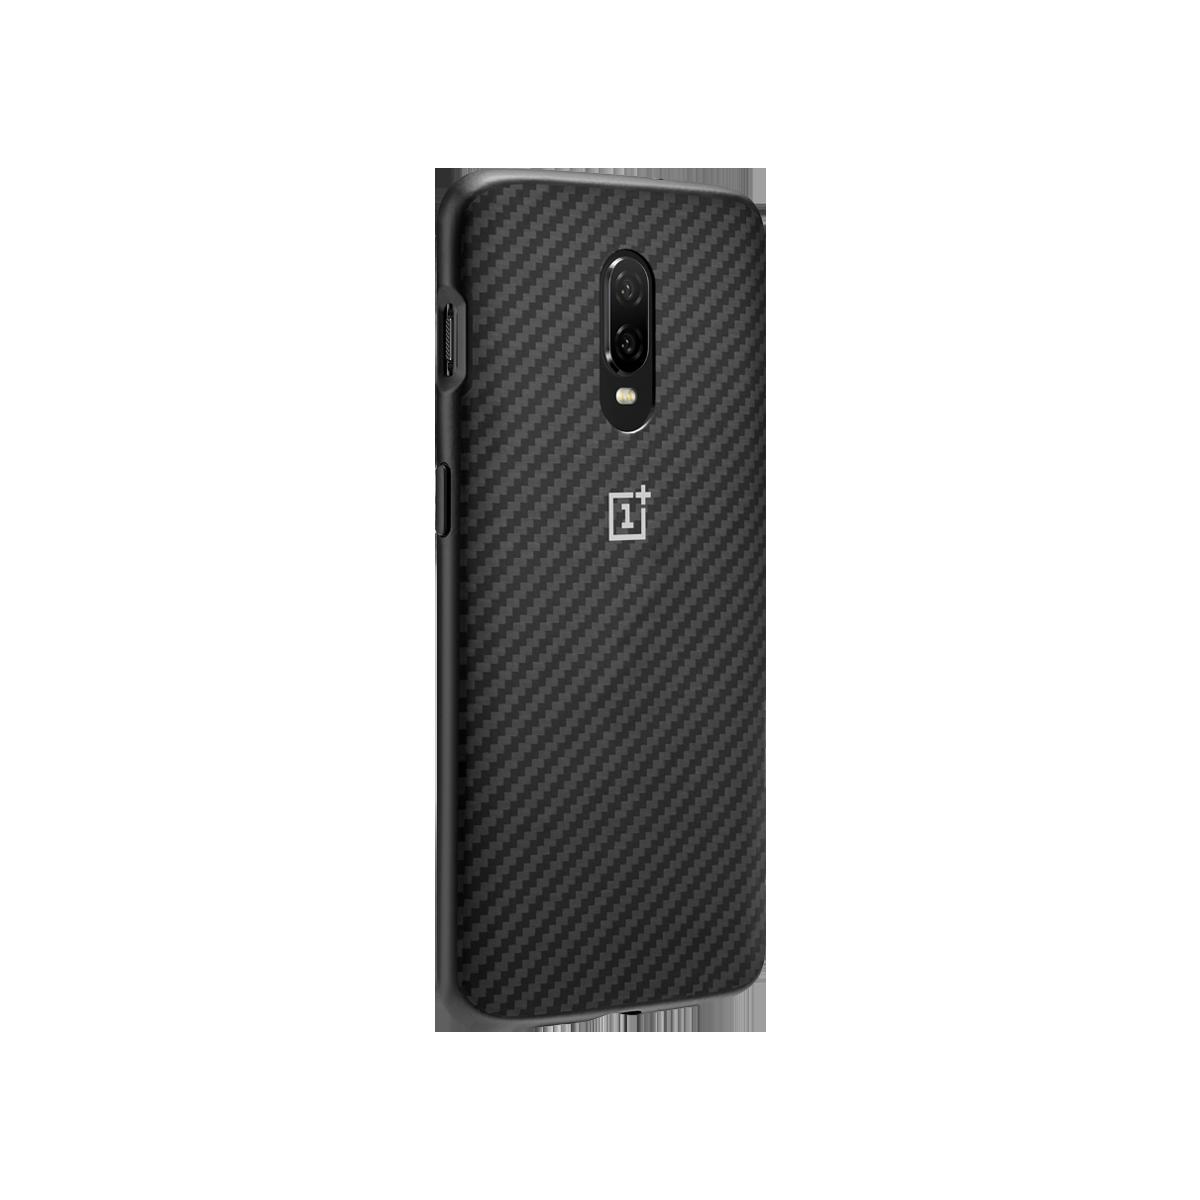 f03a5c5db5 OnePlus 6T Bumper Case - OnePlus (India)